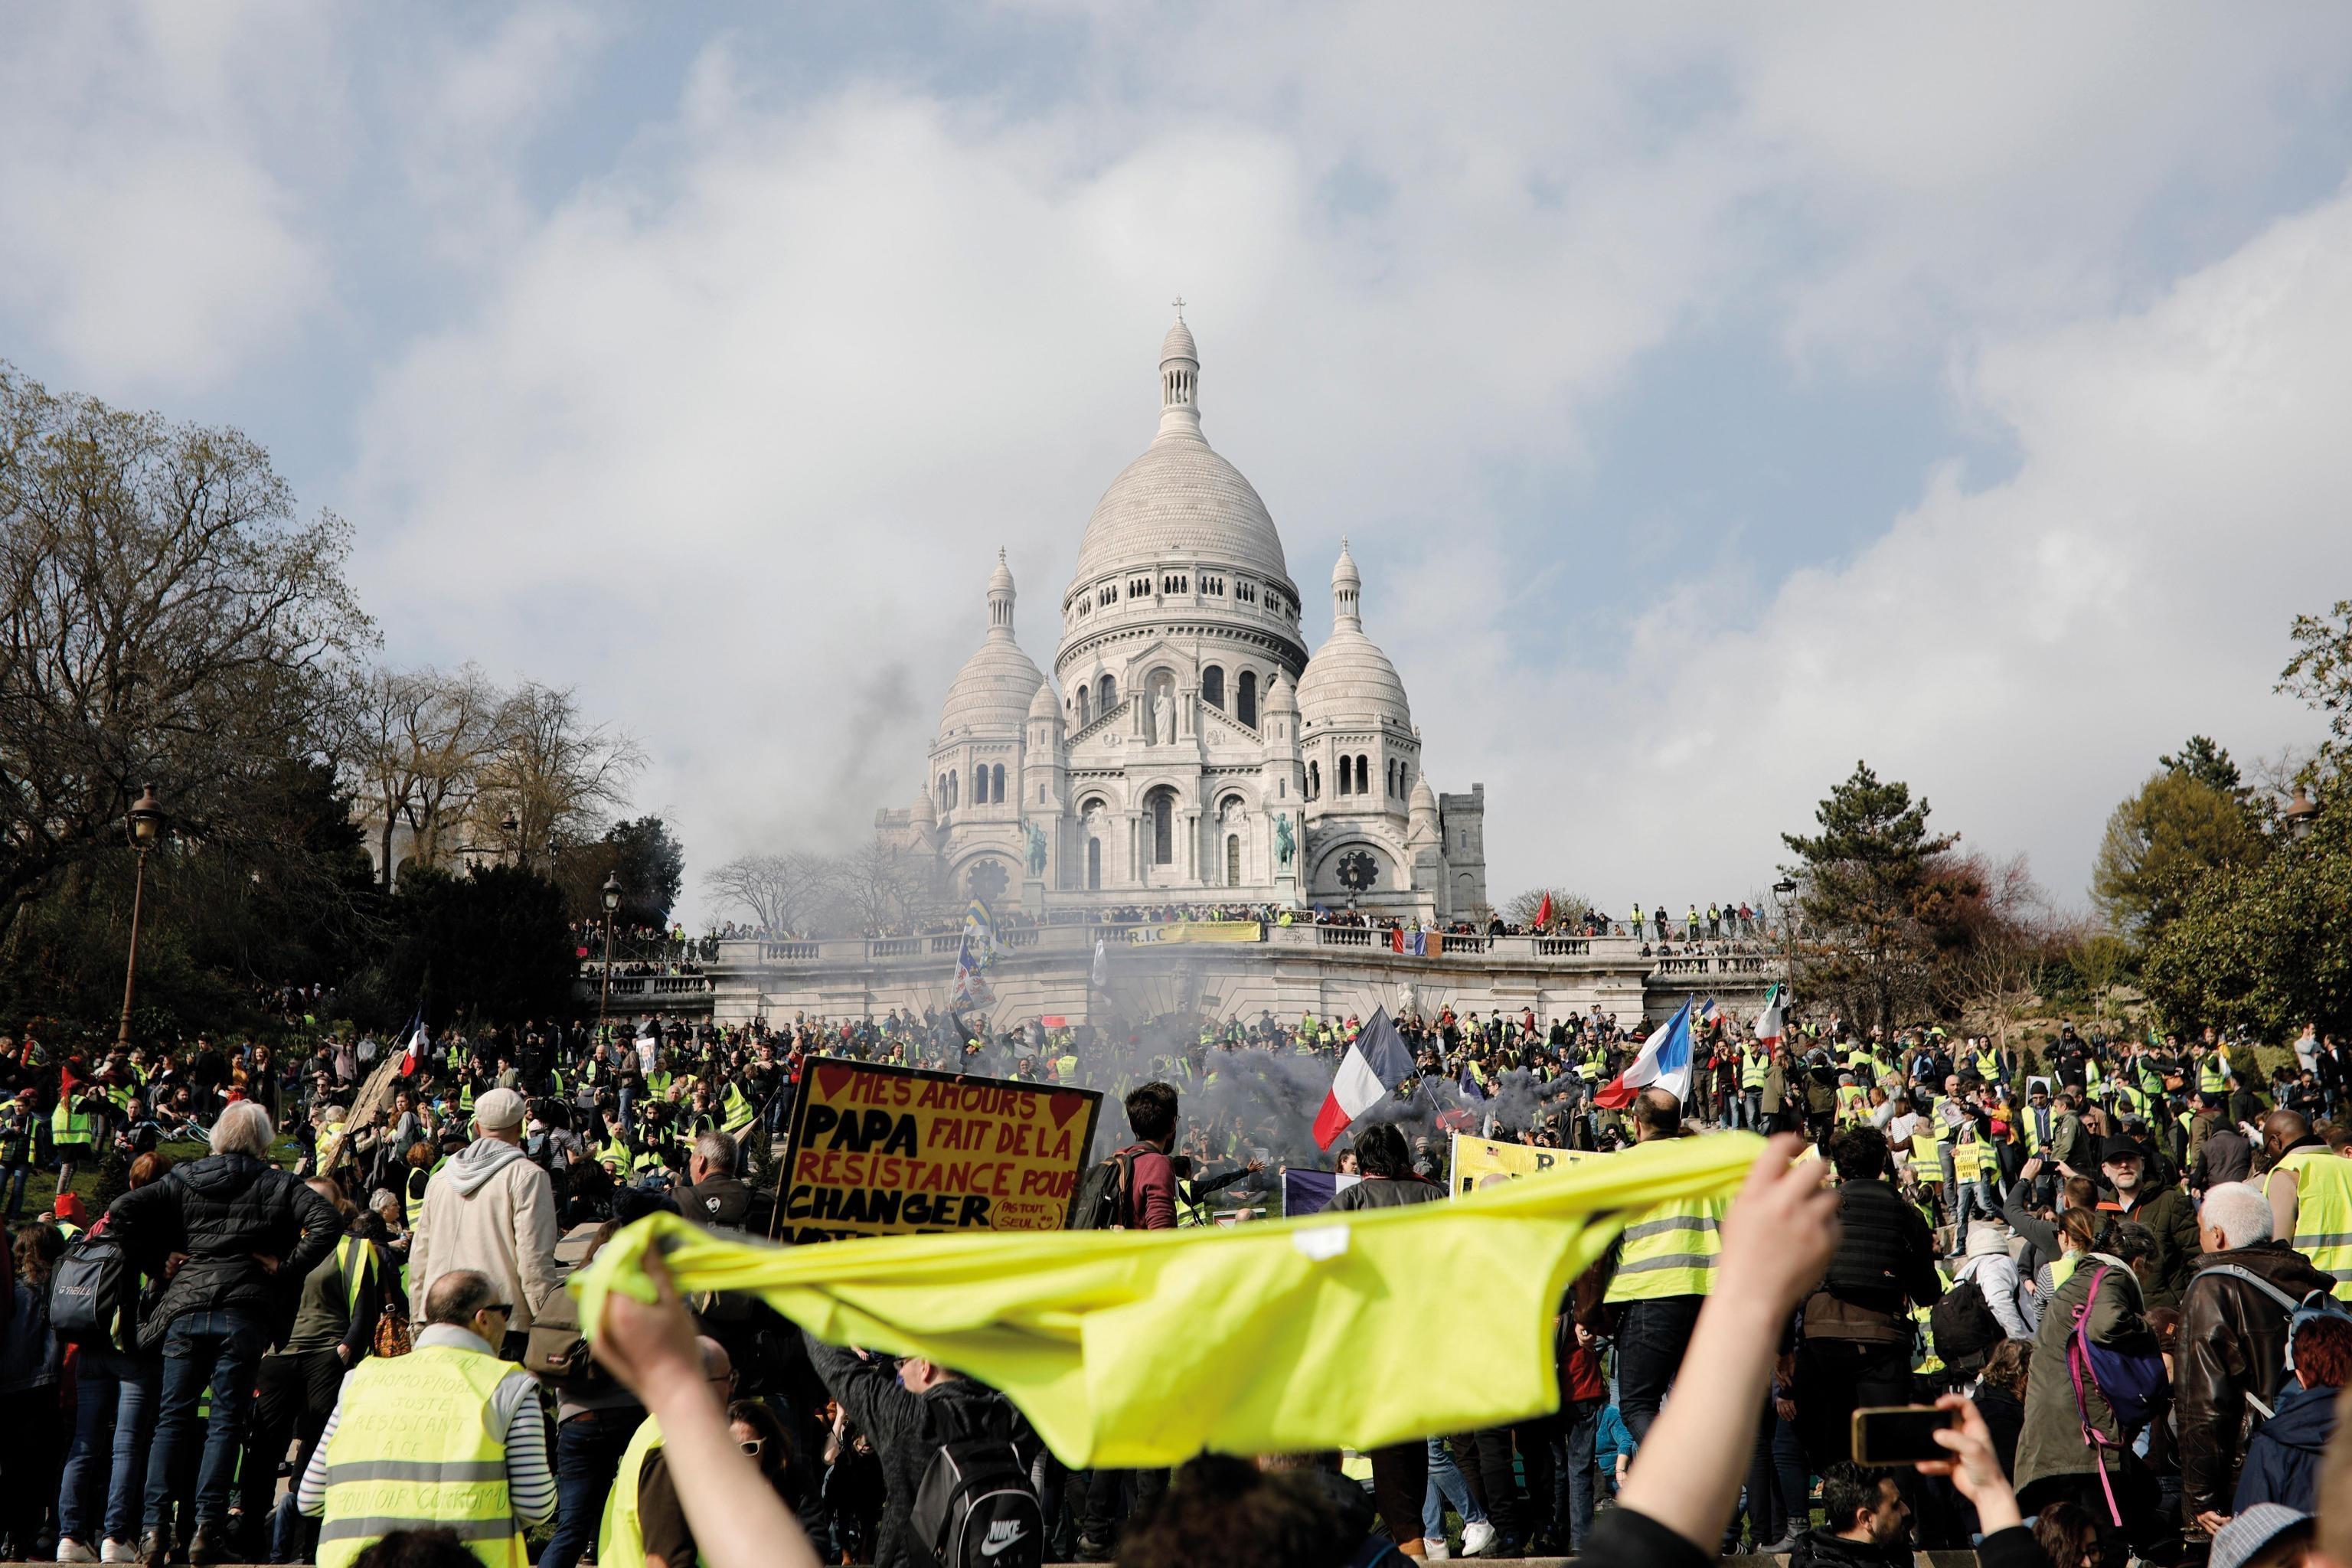 Gilet Gialli, 23 marzo: le proteste antigovernative in Francia nascono da una tassa sul carburante e diventano in breve tempo una critica sull'intero operato di Macron.